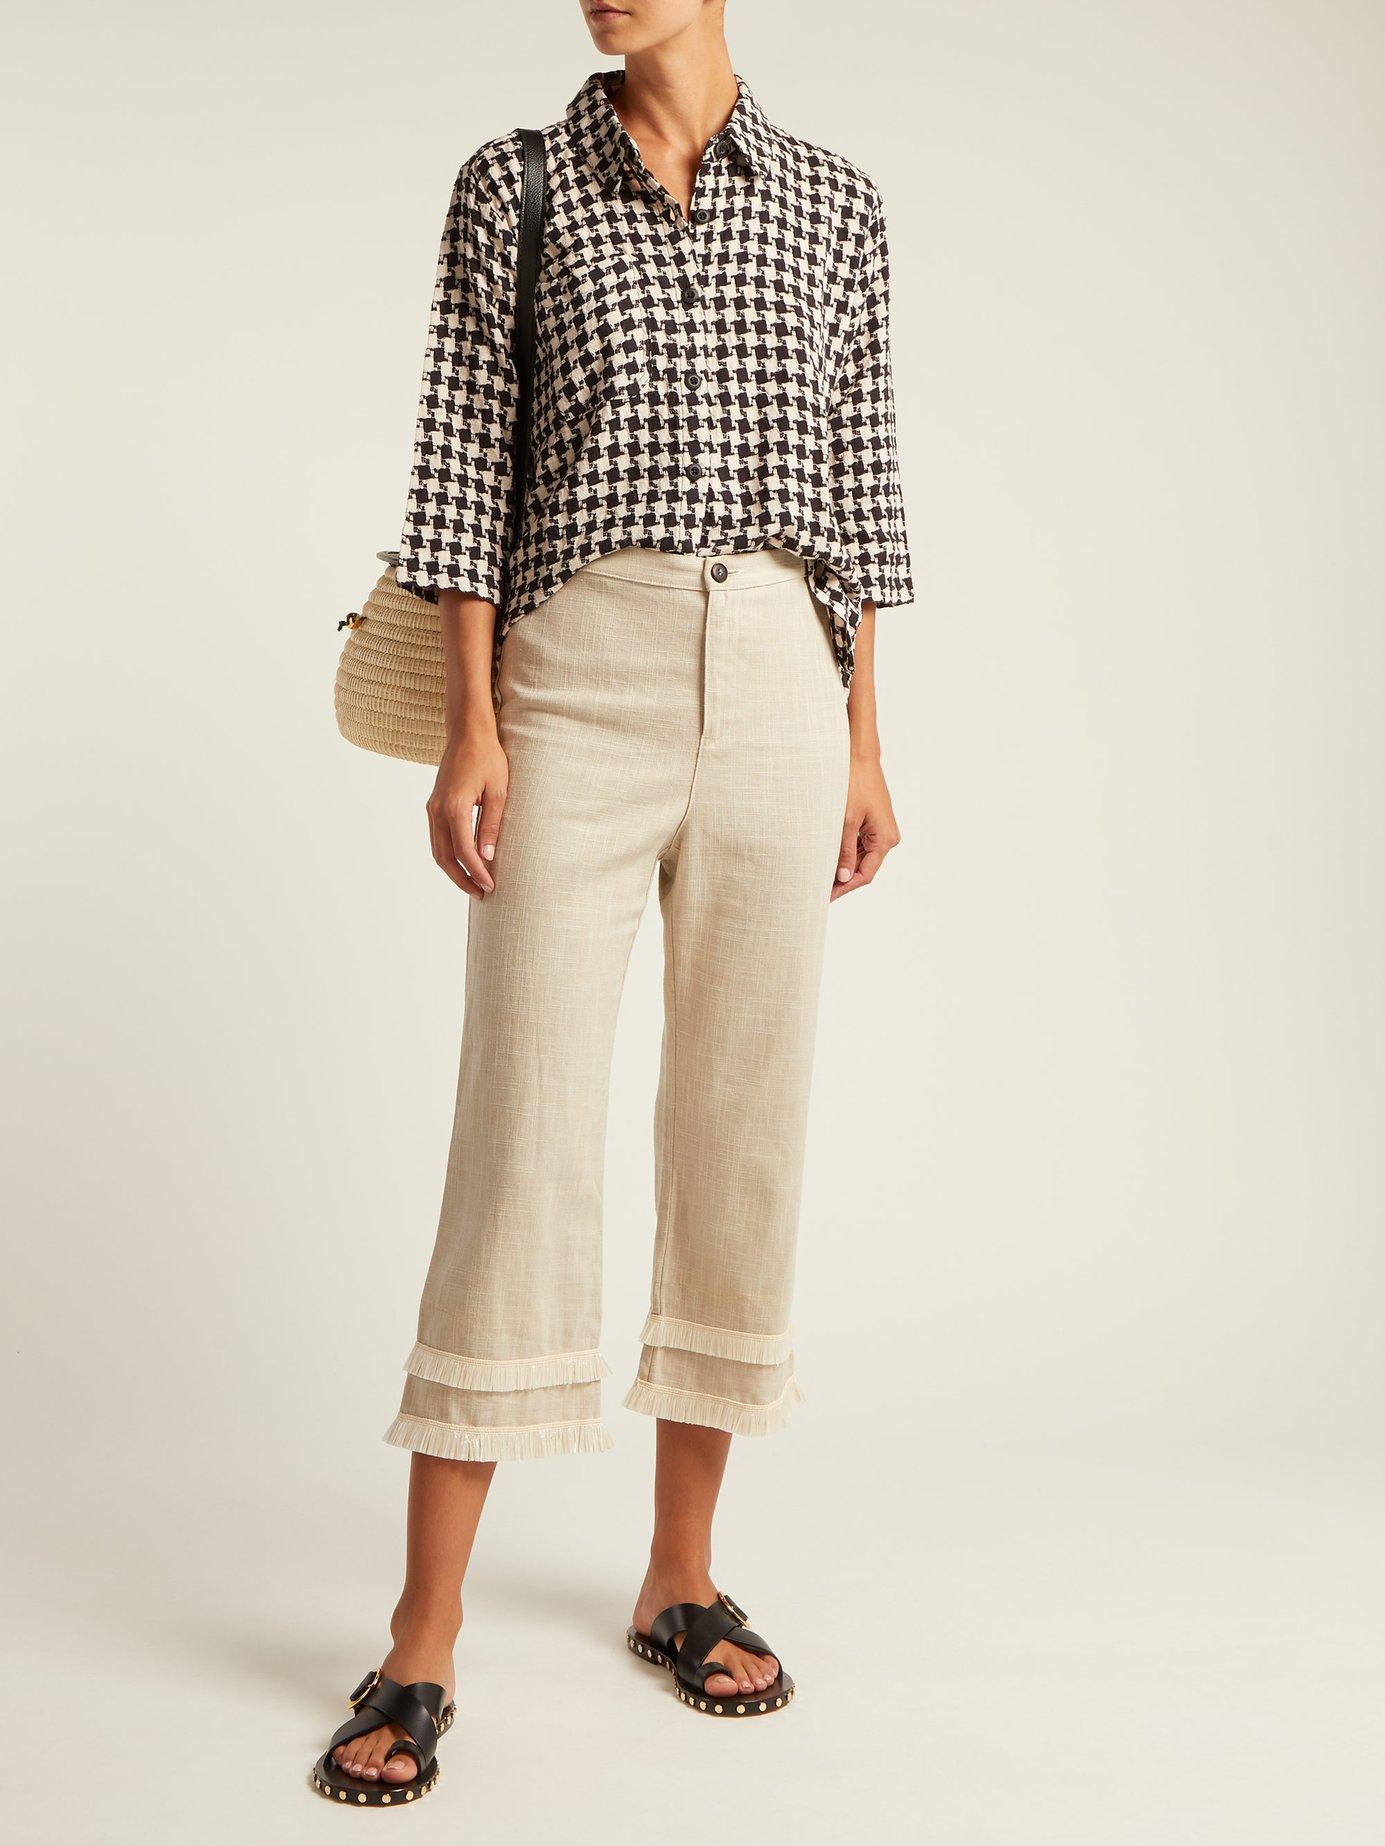 Wheeler cotton shirt by Ace & Jig